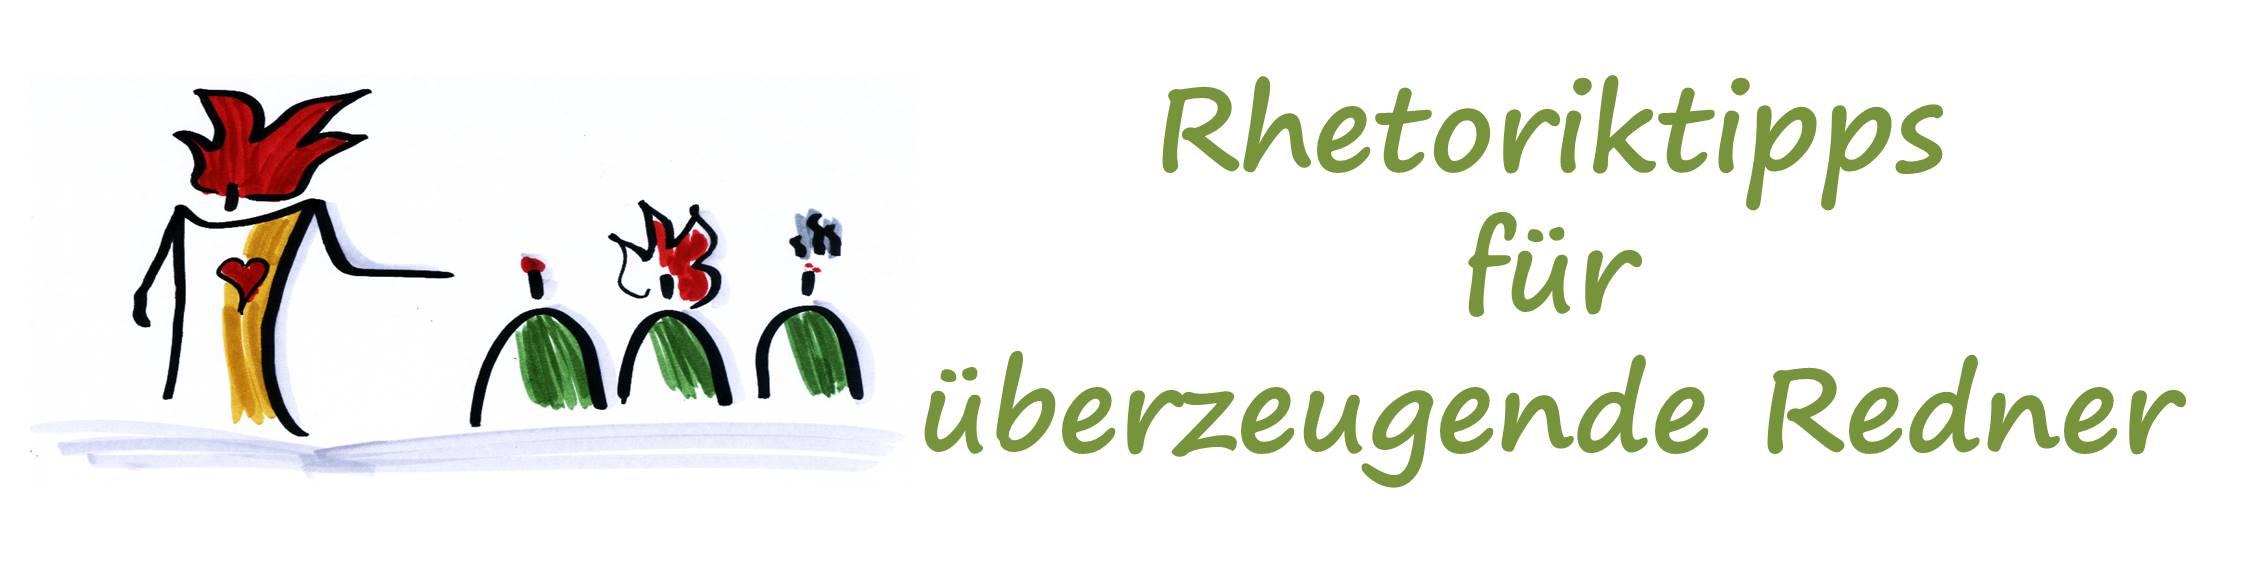 Rhetoriktipps_überzeugend _Reden (2)